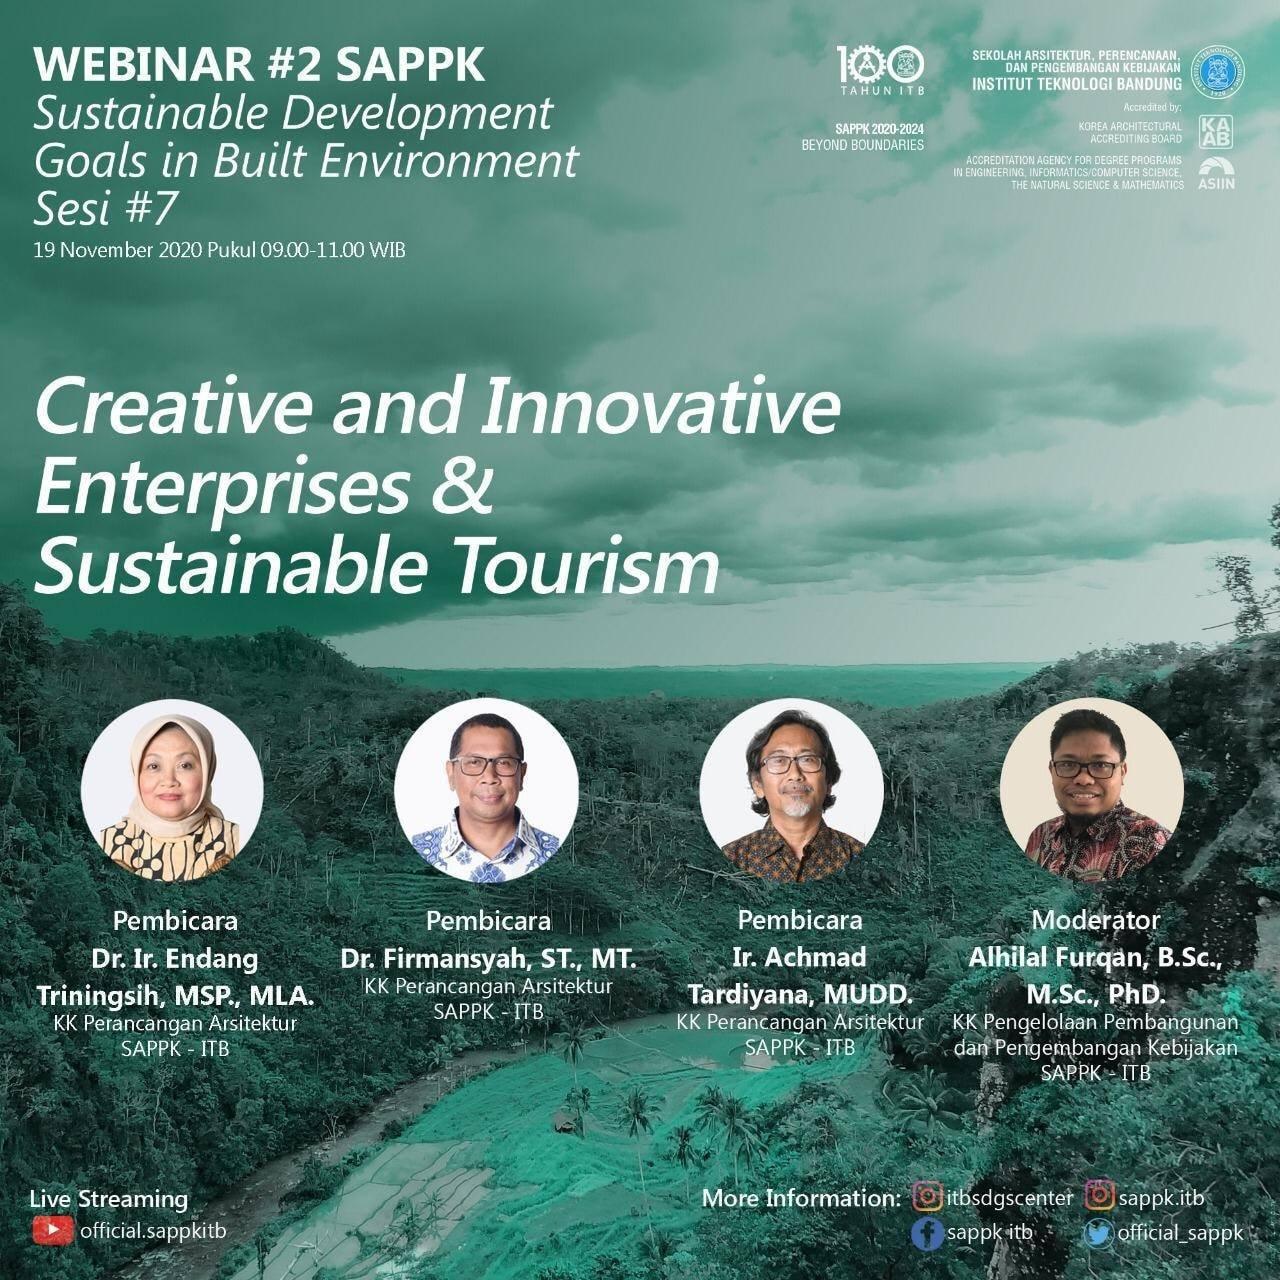 Sesi 7 – WEBINAR #2 SAPPK-SDGs in Built Environment